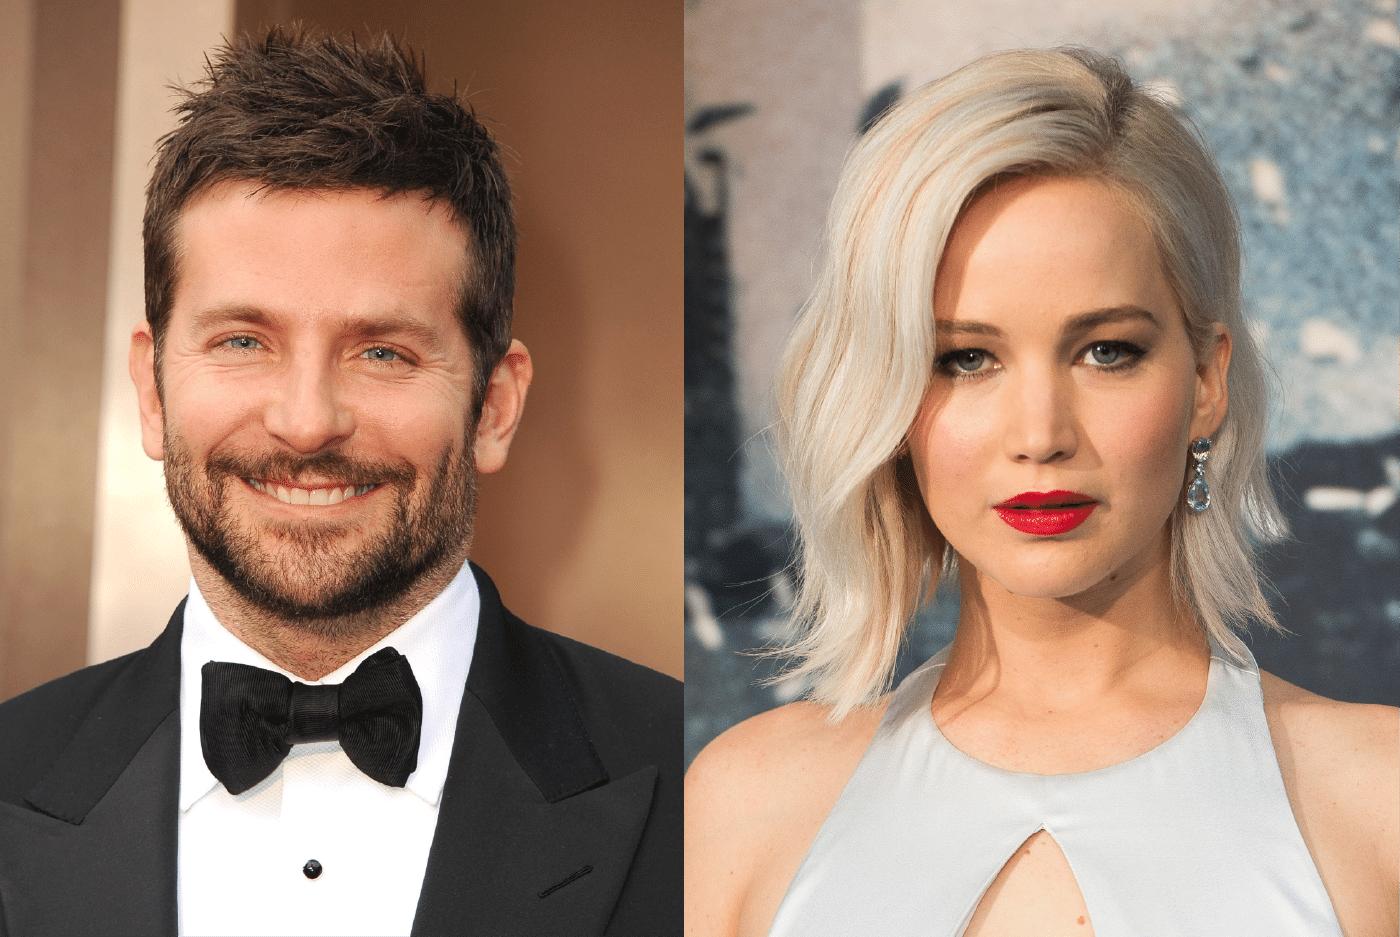 Bradley Cooper e Jennifer Lawrence, atores que interpretaram Pat e Tiffany no longa O lado bom da vida (2013), do diretor David O. Russell